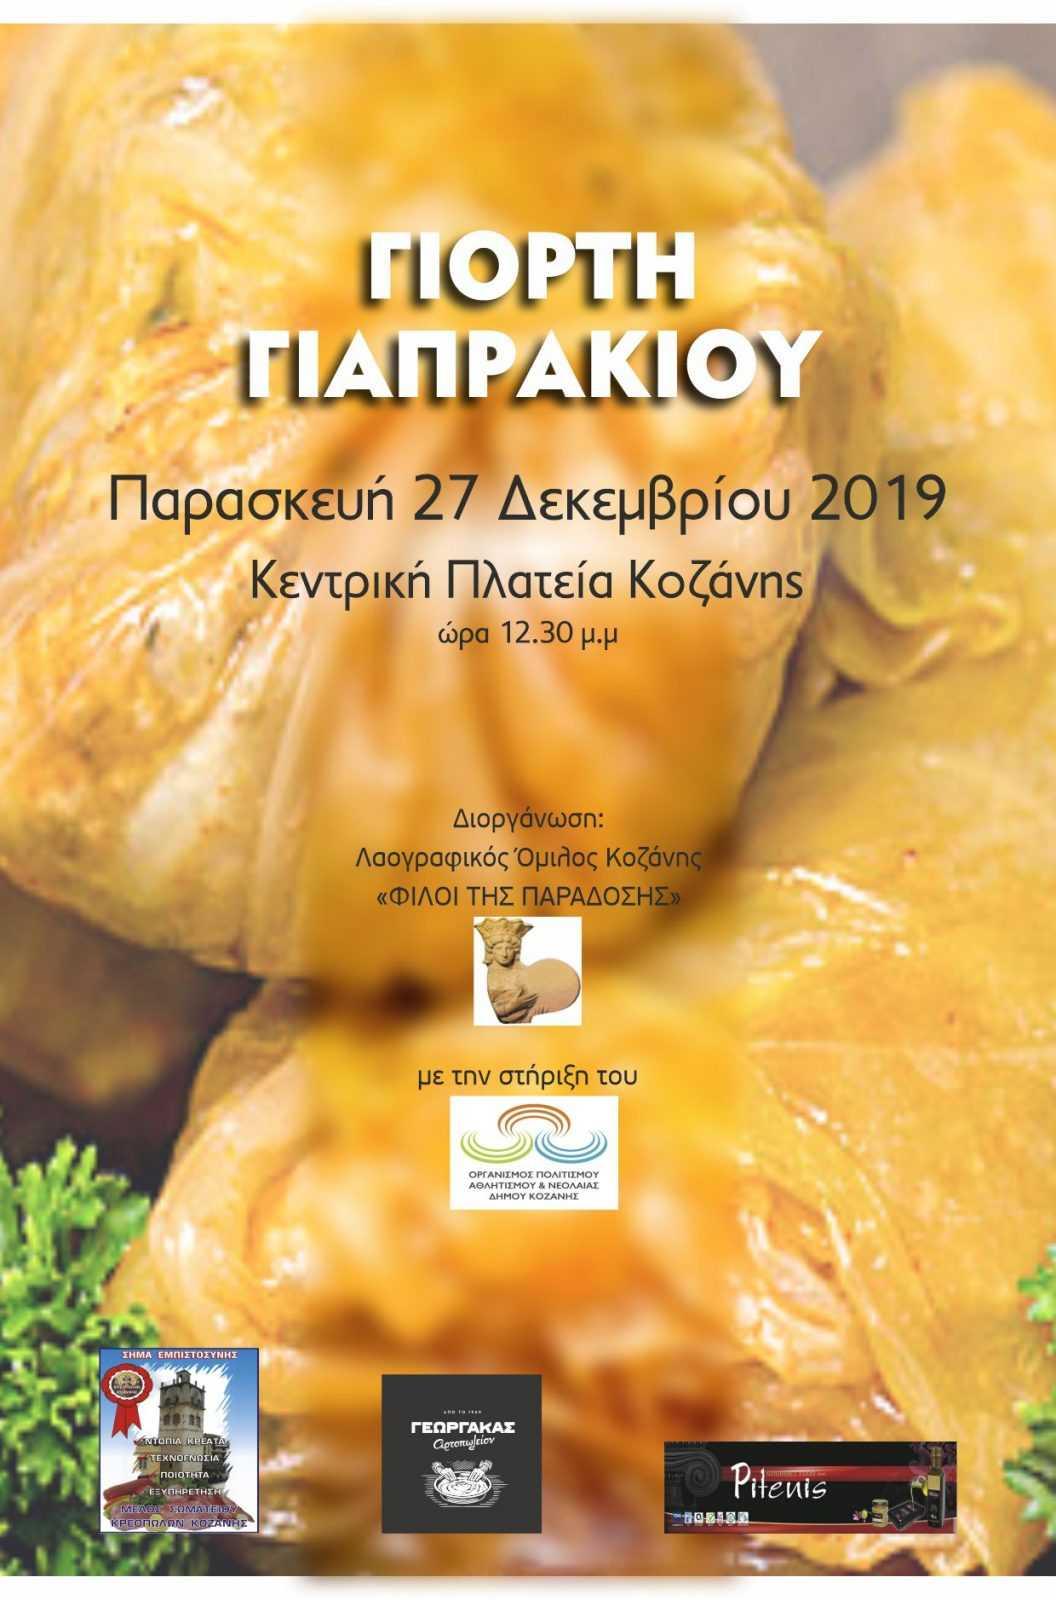 Γιορτή Γιαπρακιού στην Κοζάνη την Παρασκευή 27 Δεκεμβρίου